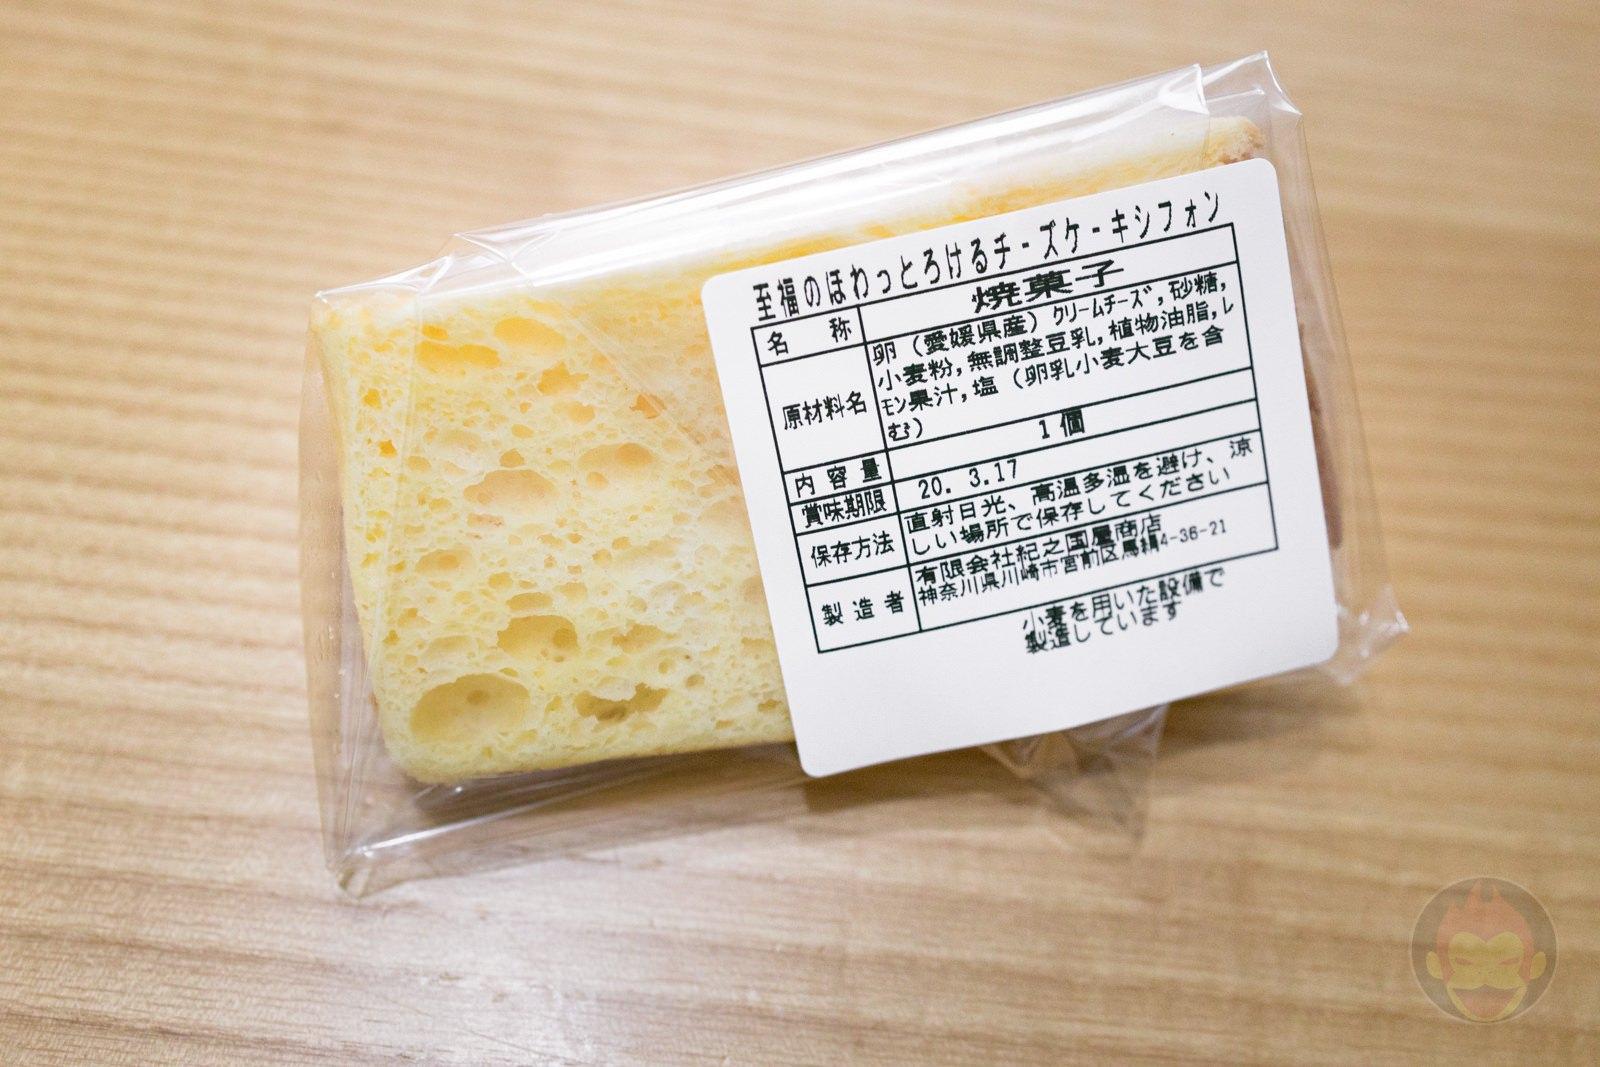 Yutan no Hoppeta chiffon cake 11